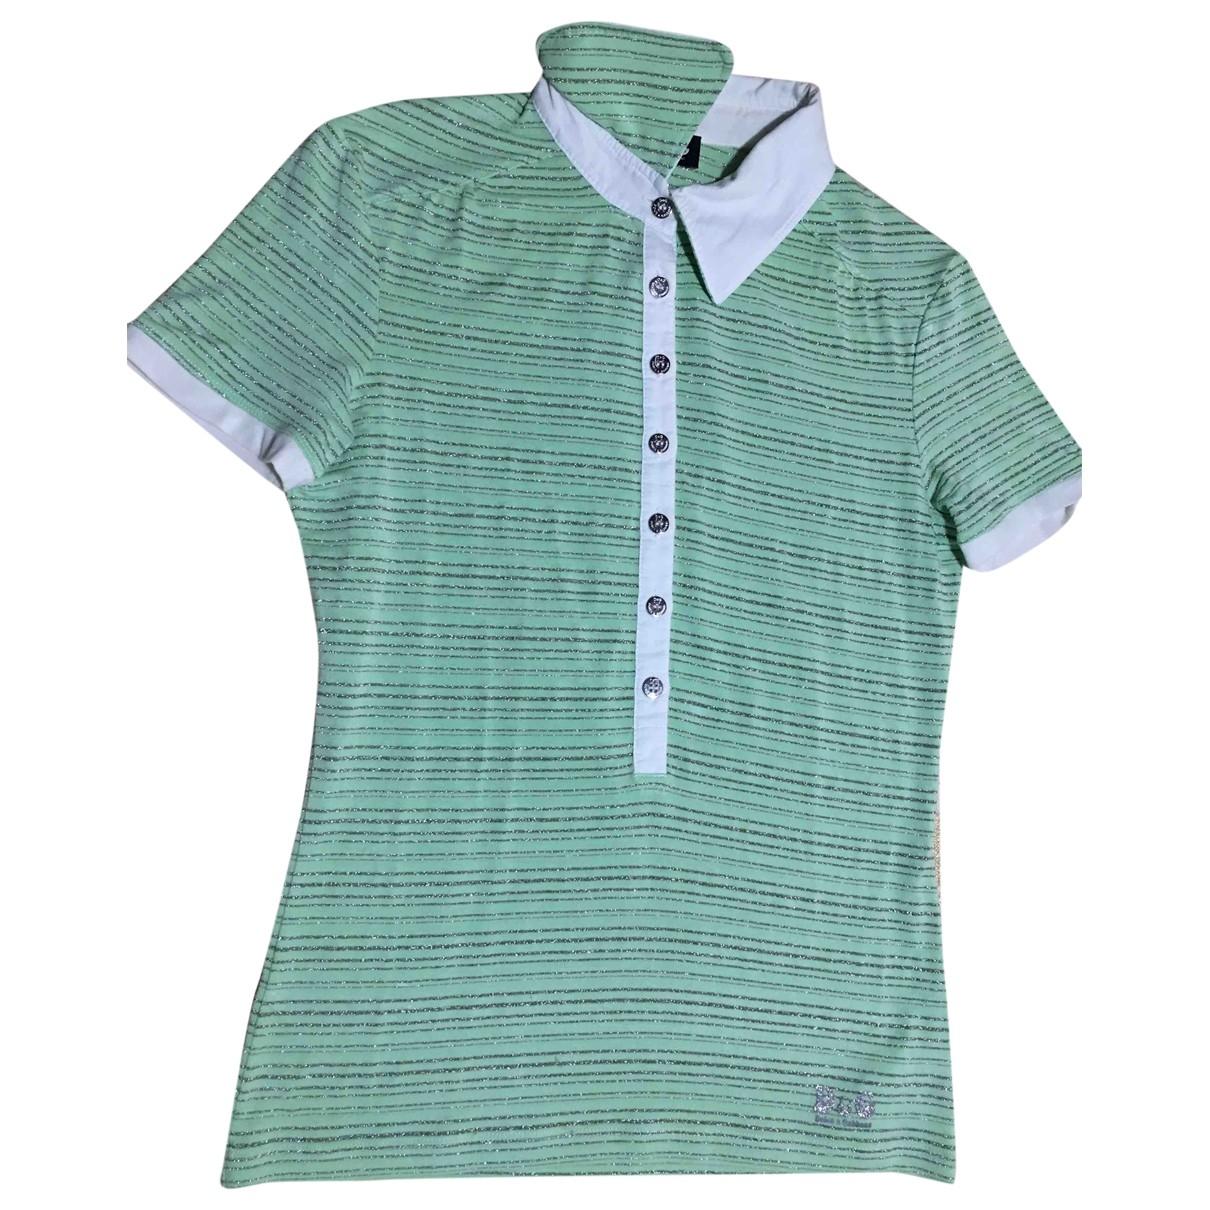 D&g - Top   pour femme en coton - vert